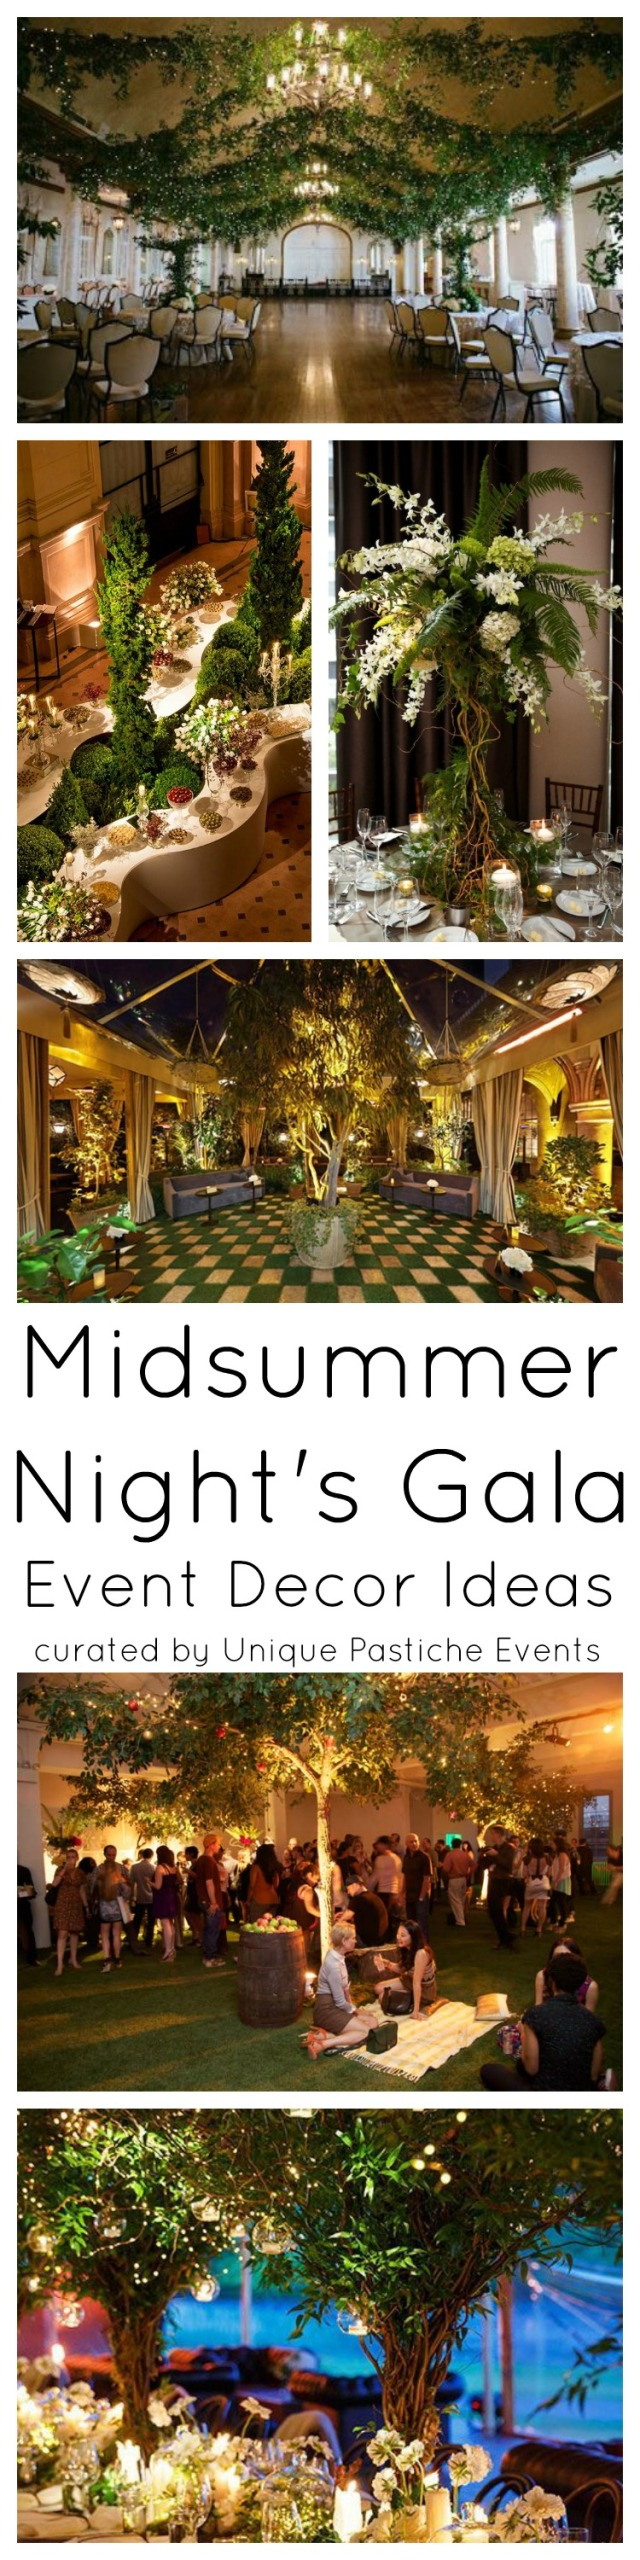 gala themes idea unique pastiche events